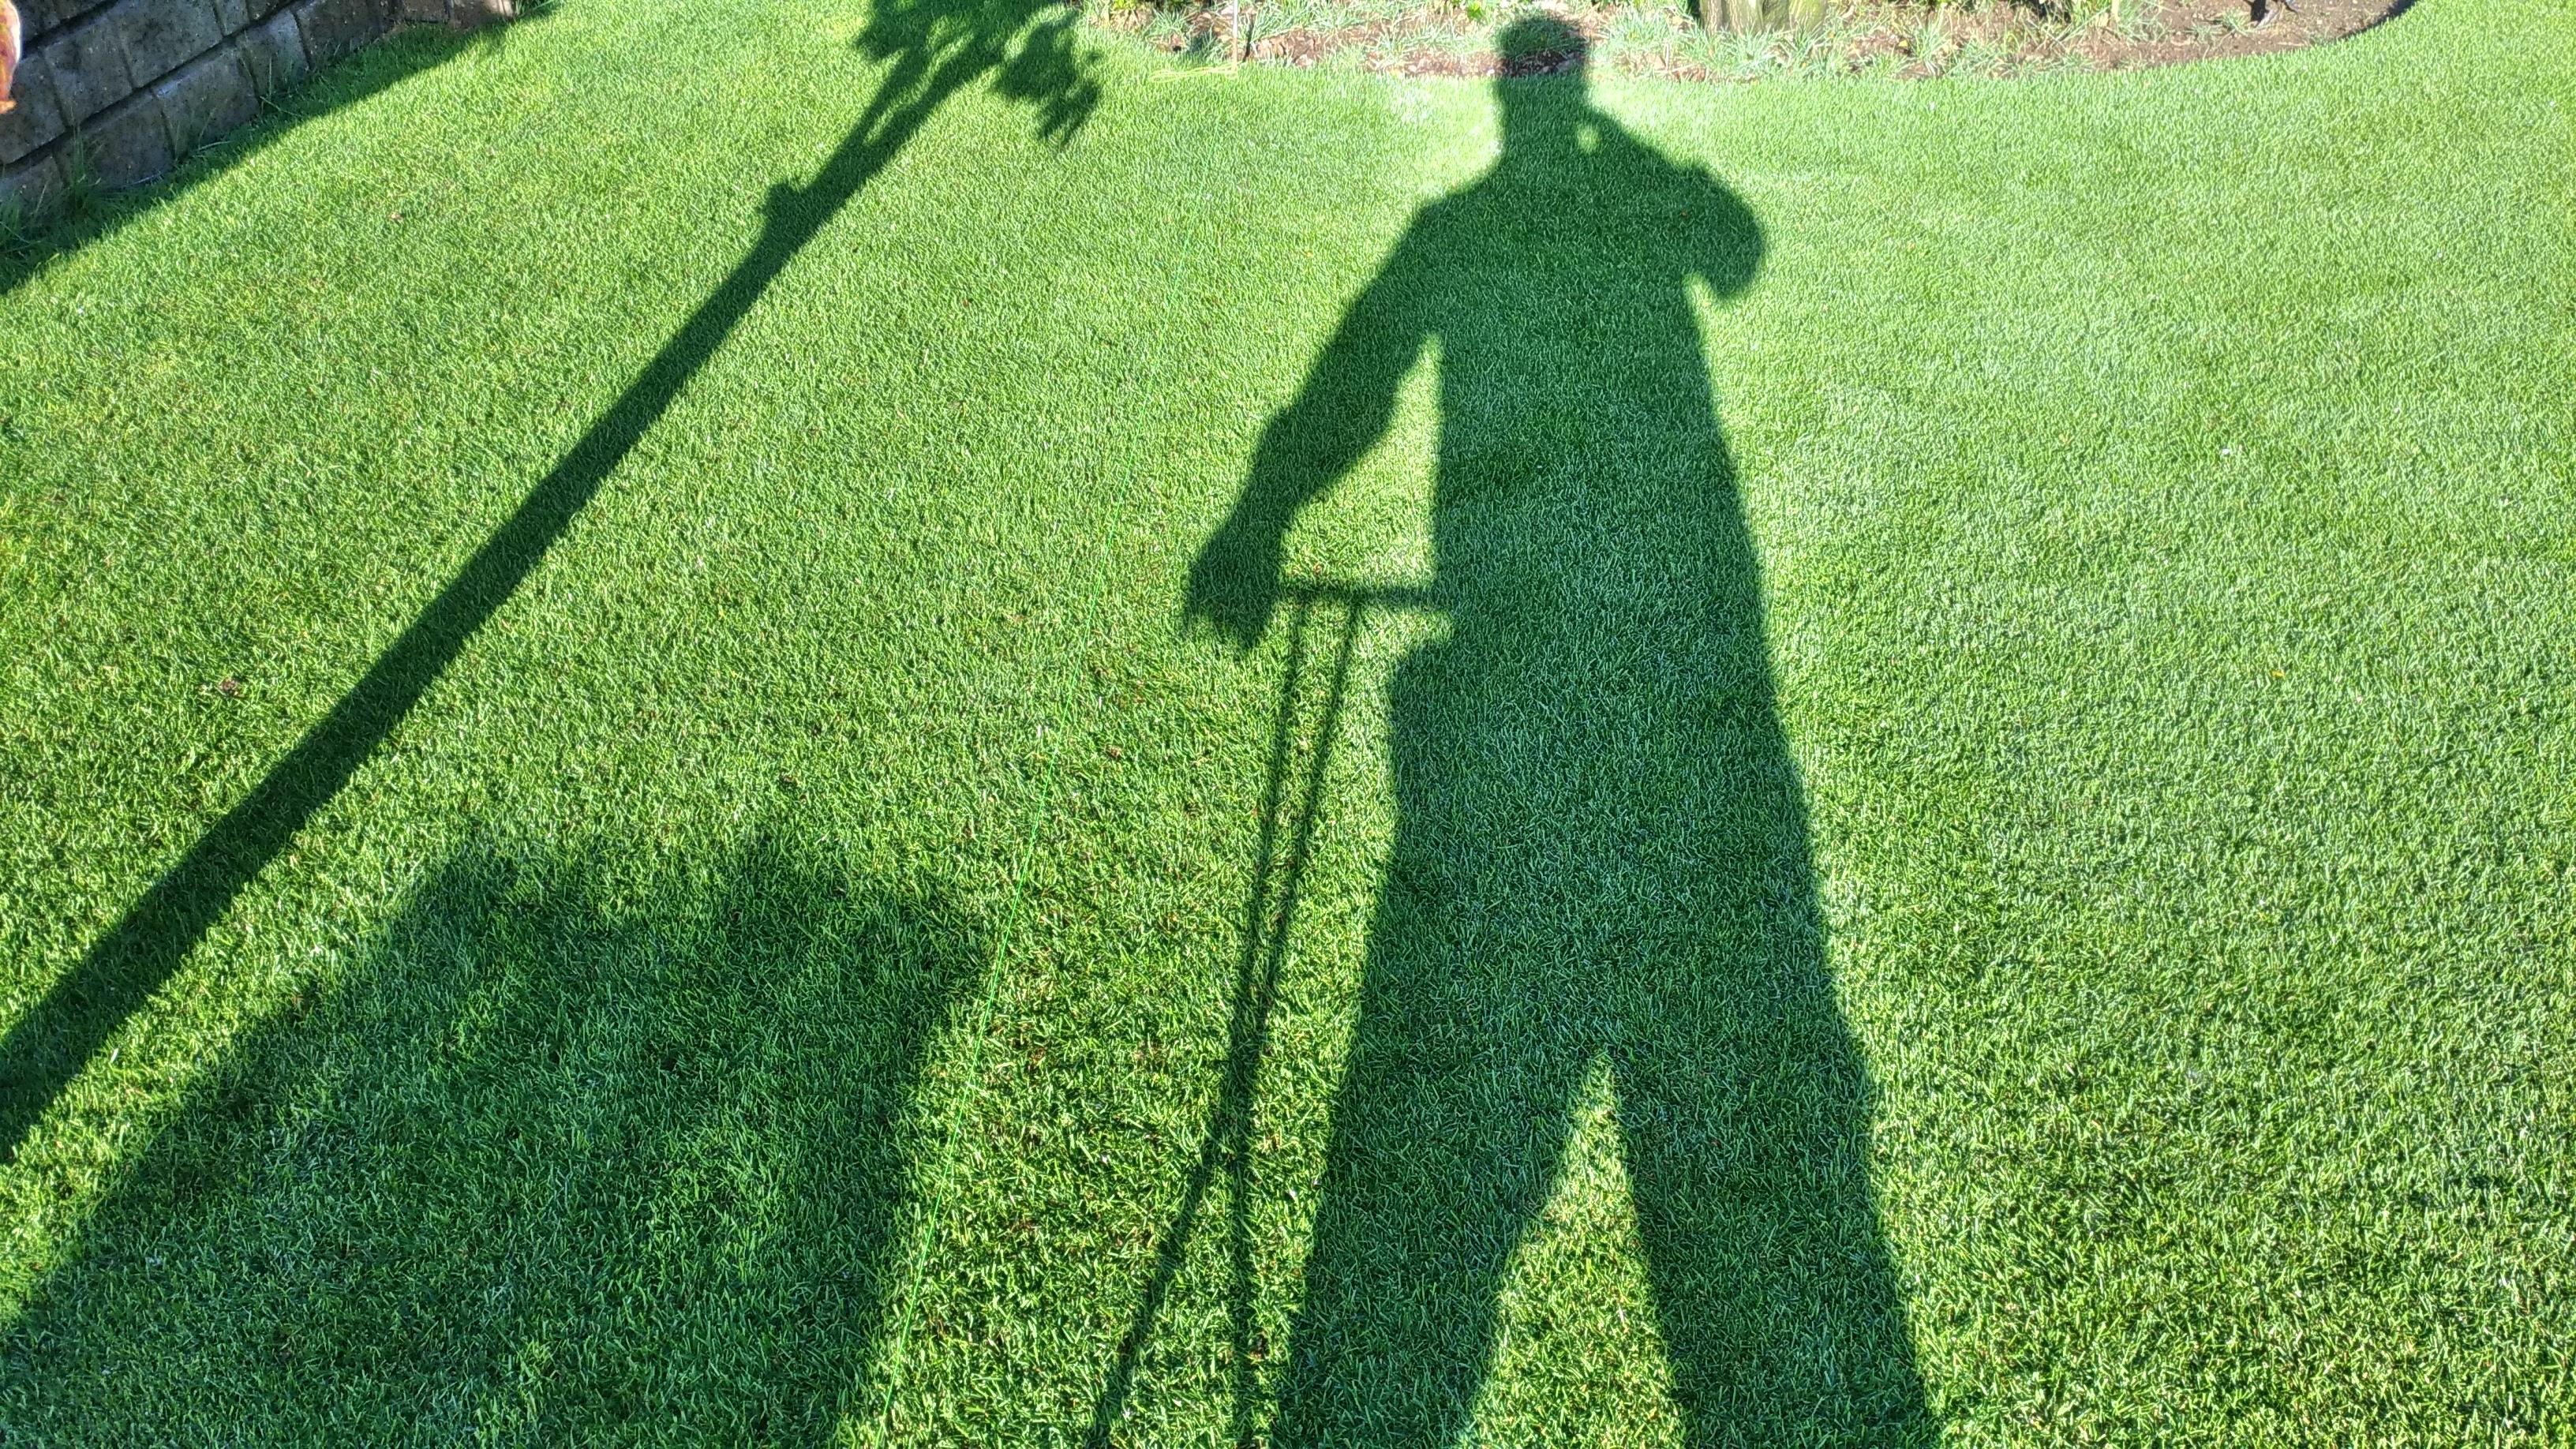 迷惑をかけない芝刈りの時間帯を考える😃✨